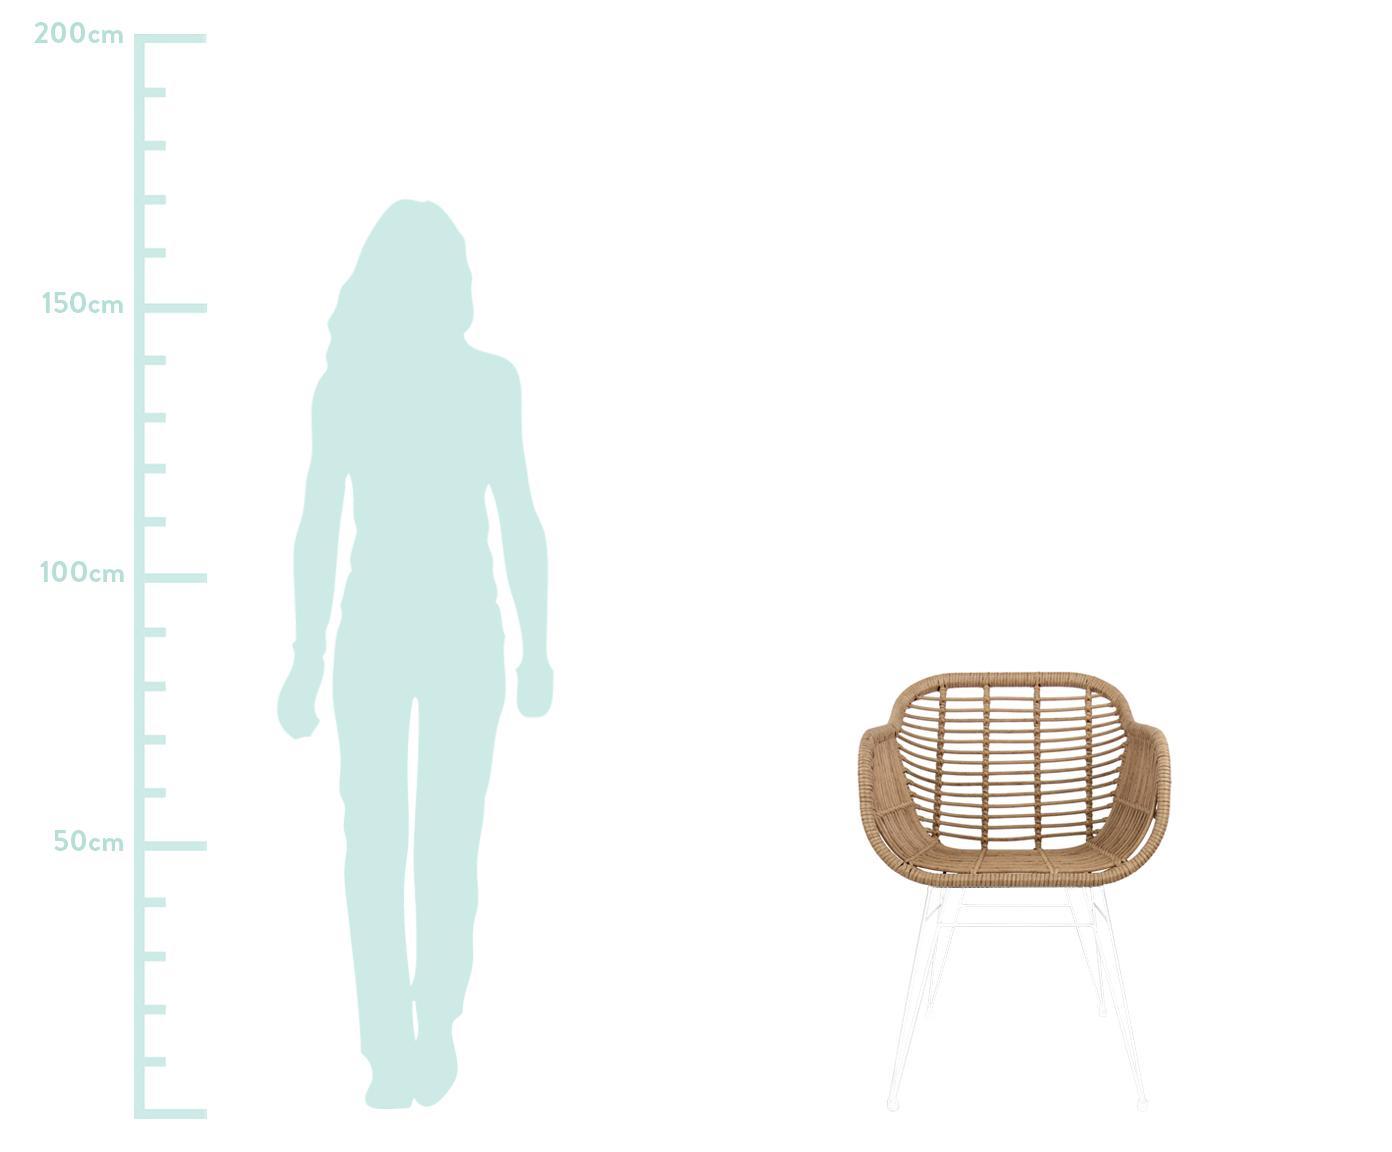 Krzesło z podłokietnikami z polirattanu Costa, 2 szt., Stelaż: metal malowany proszkowo, Jasny brązowy, nogi: biały, S 60 x G 58 cm